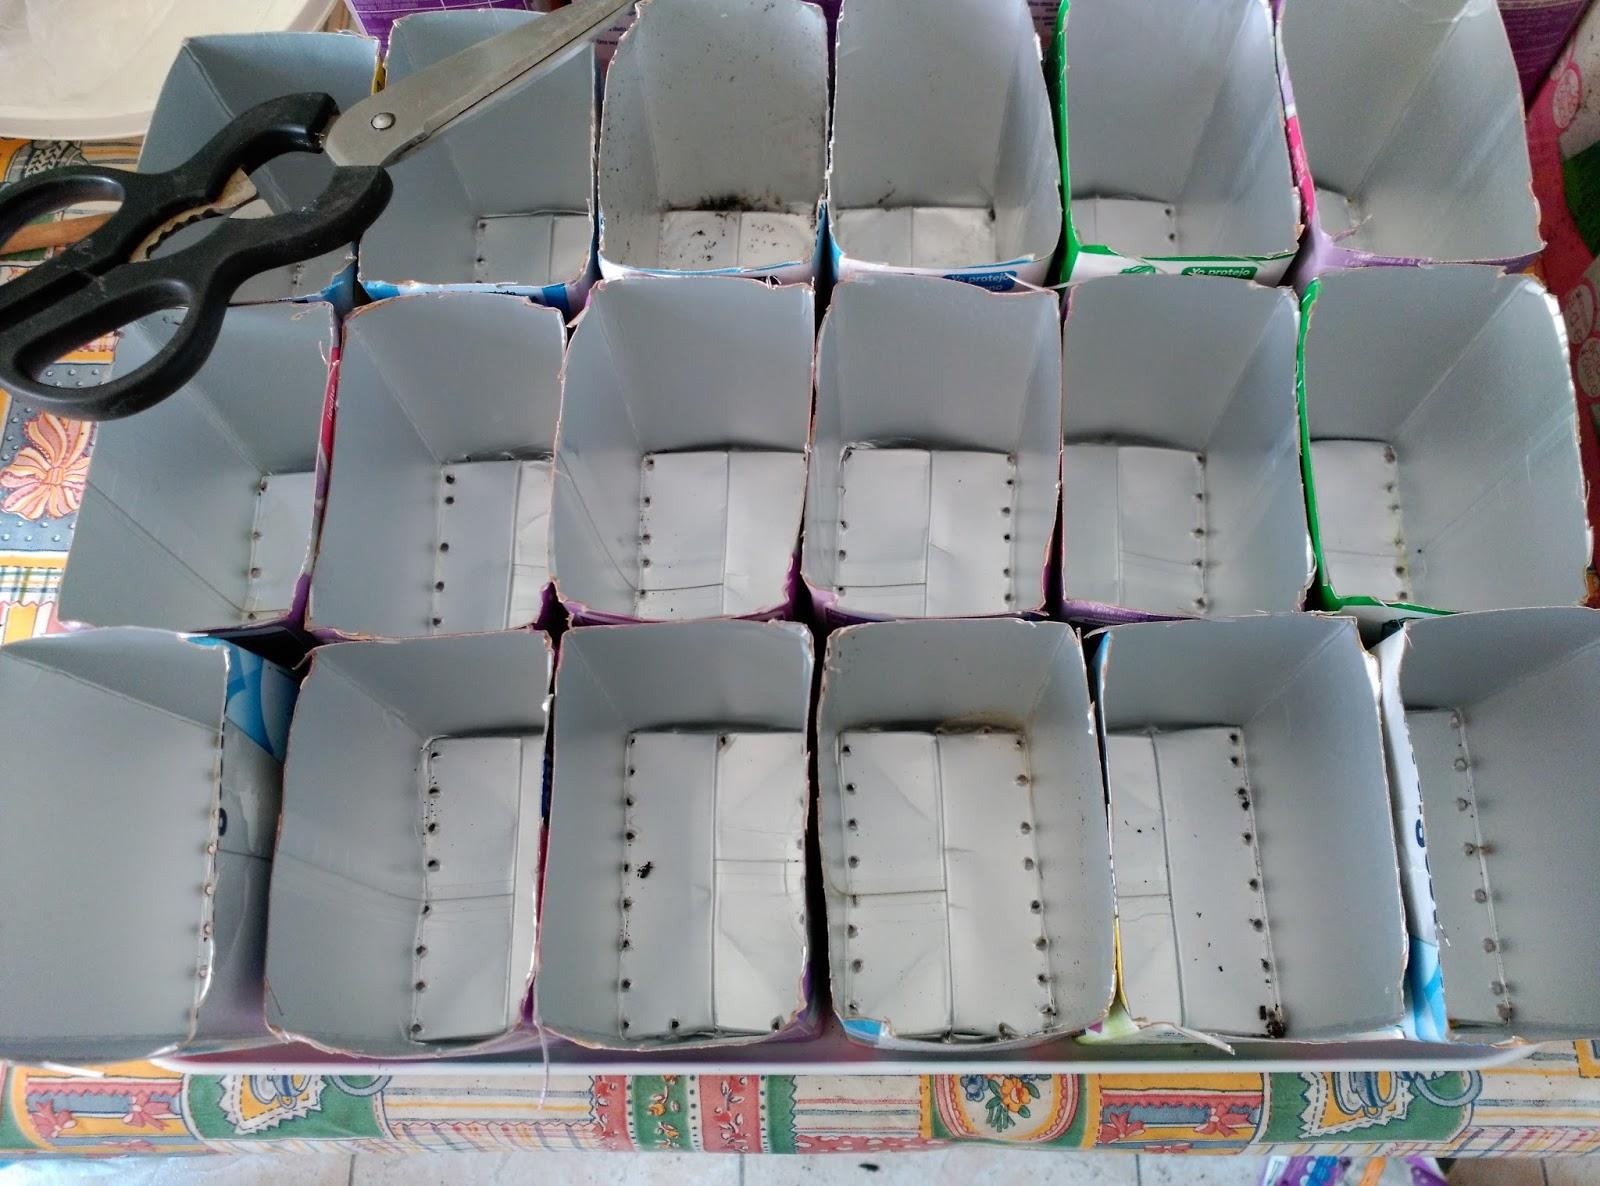 Huerto casero de quiquet huerto vertical para espinacas for Jardines colgantes con material reciclado